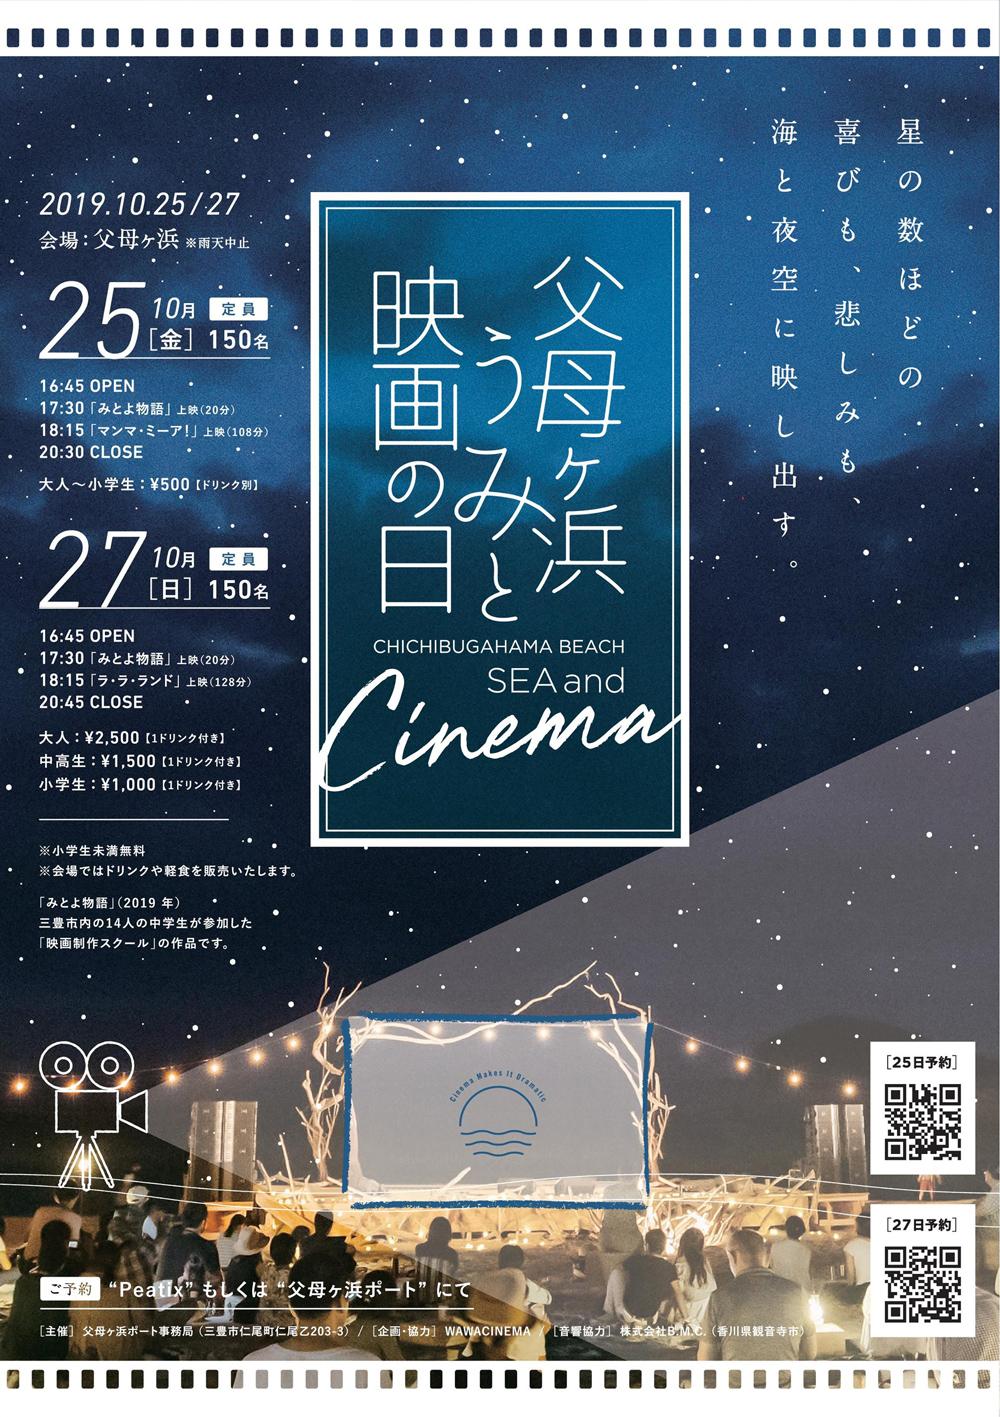 父母ヶ浜の夜を楽しむ、灯りの文化祭「父母ヶ浜 うみと灯りの日」 12月27日(金)~29日(日)開催!